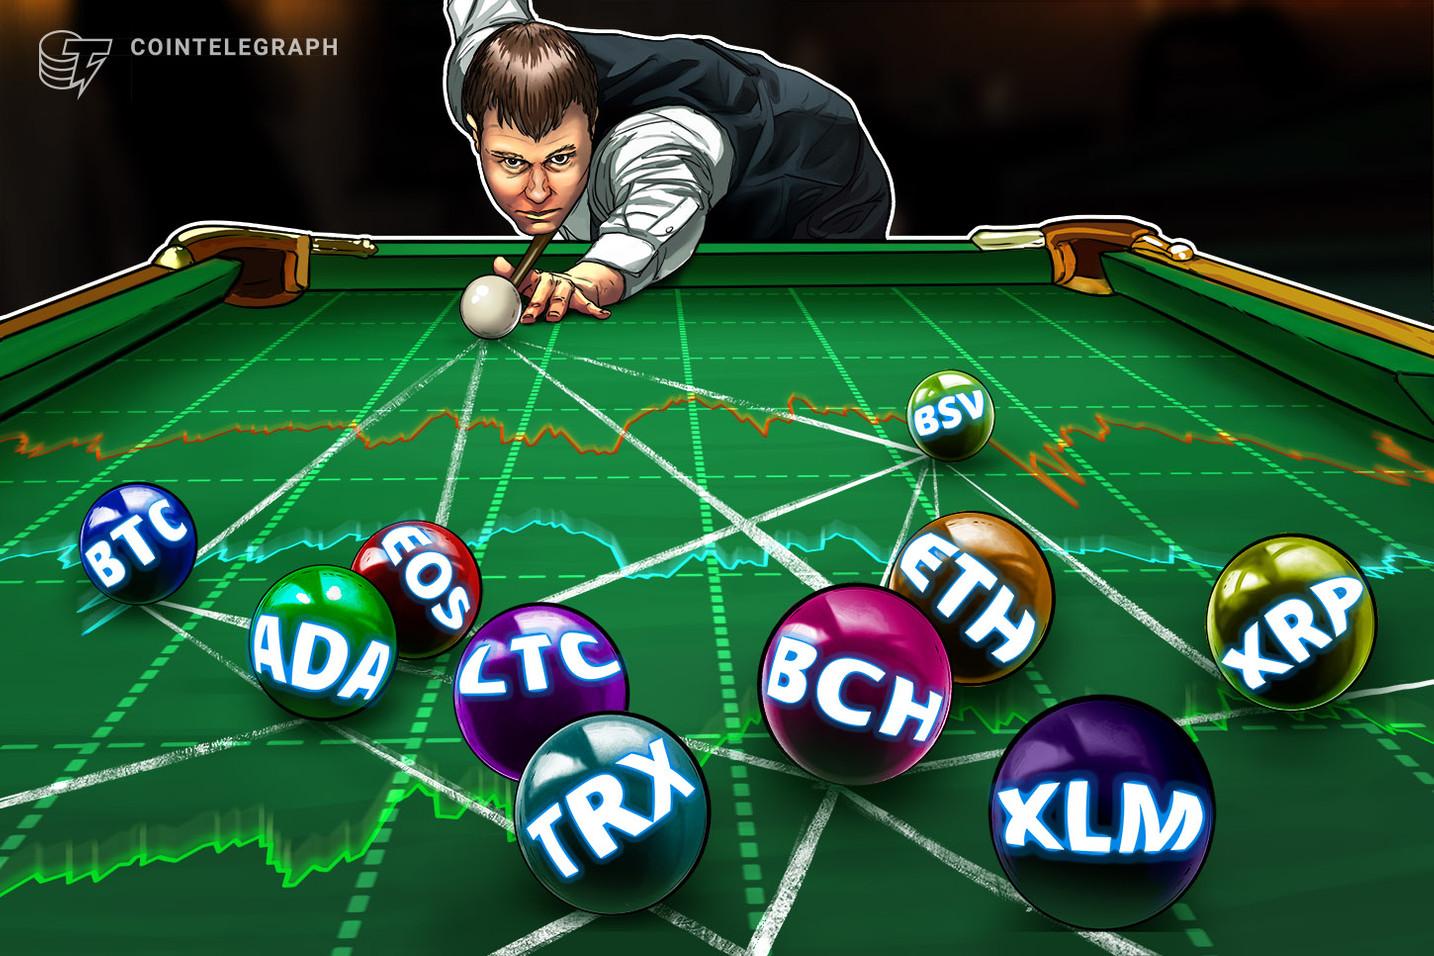 Bitcoin, Ethereum, Ripple, Bitcoin Cash, EOS, Litecoin, Stellar, Tron, Bitcoin SV, Cardano: Price Analysis, Jan. 9